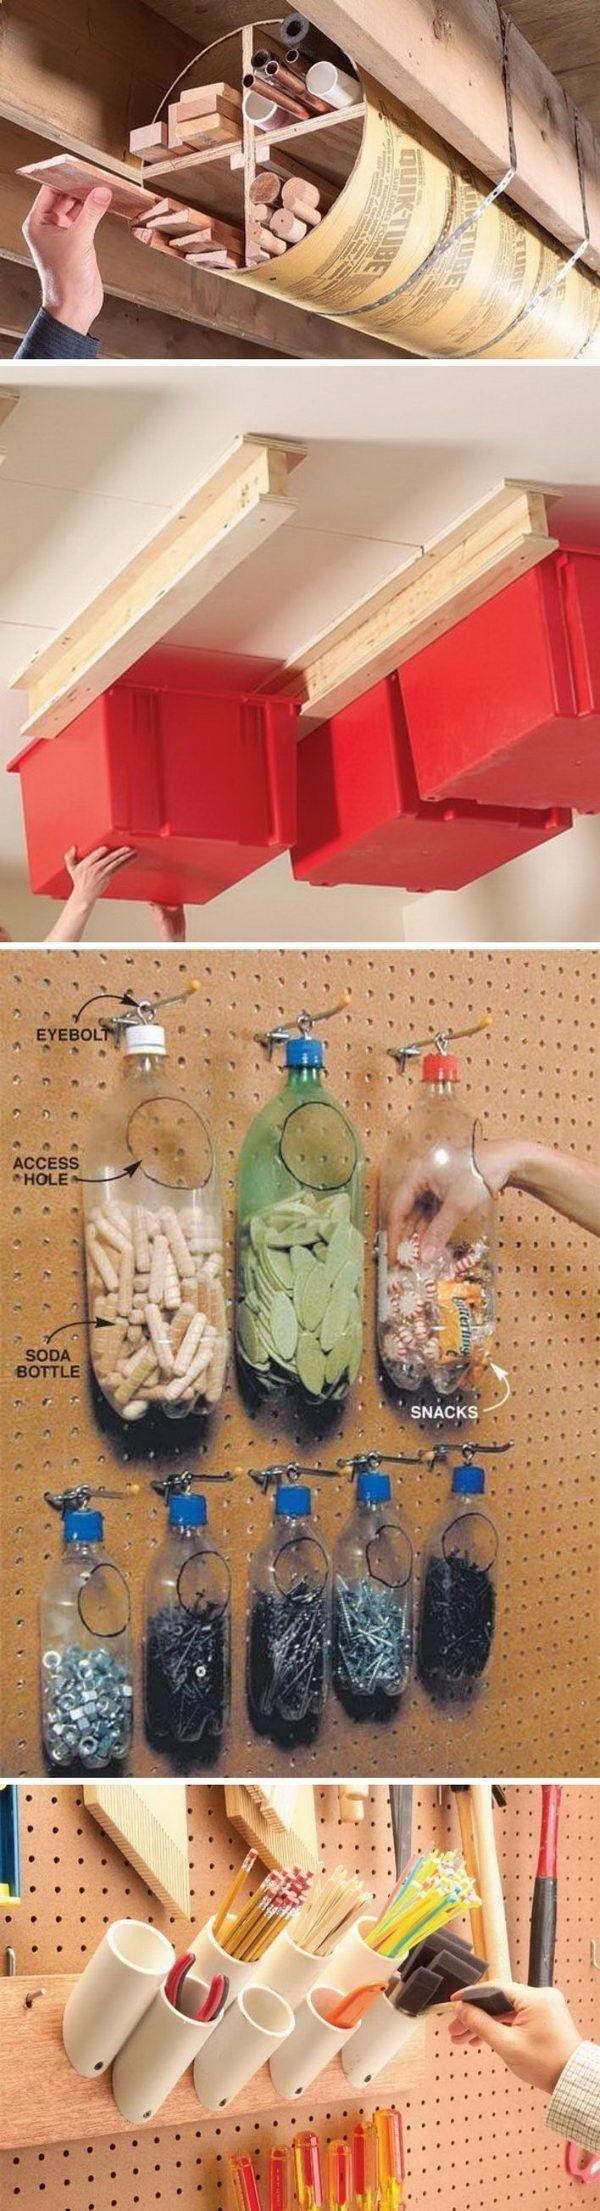 Schuppen Intelligente Lagerung und Organisation von Garagen Jetzt k … #WoodWorking